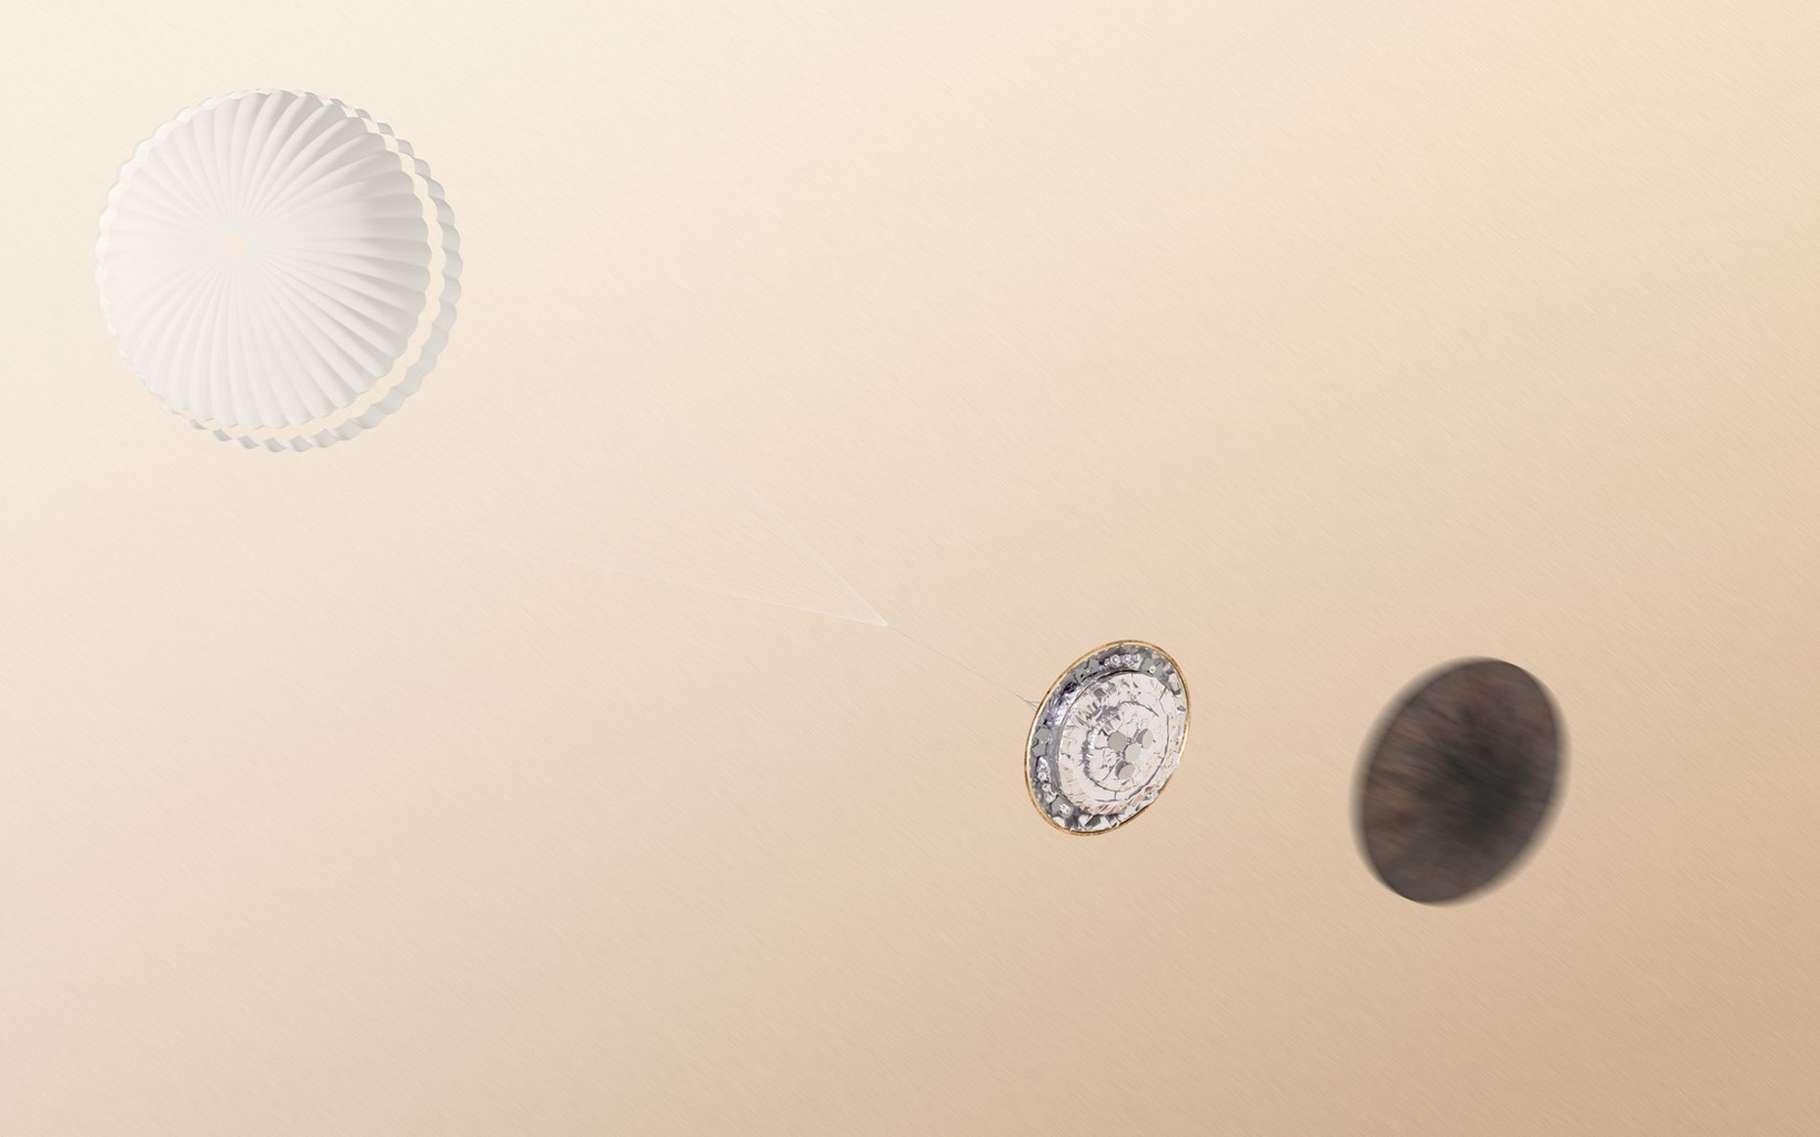 L'ordinateur de bord de Schiaparelli a peut-être été leurré par un bug logiciel qui lui a fait croire que le sol de Mars était tout proche. © ESA, ATG medialab